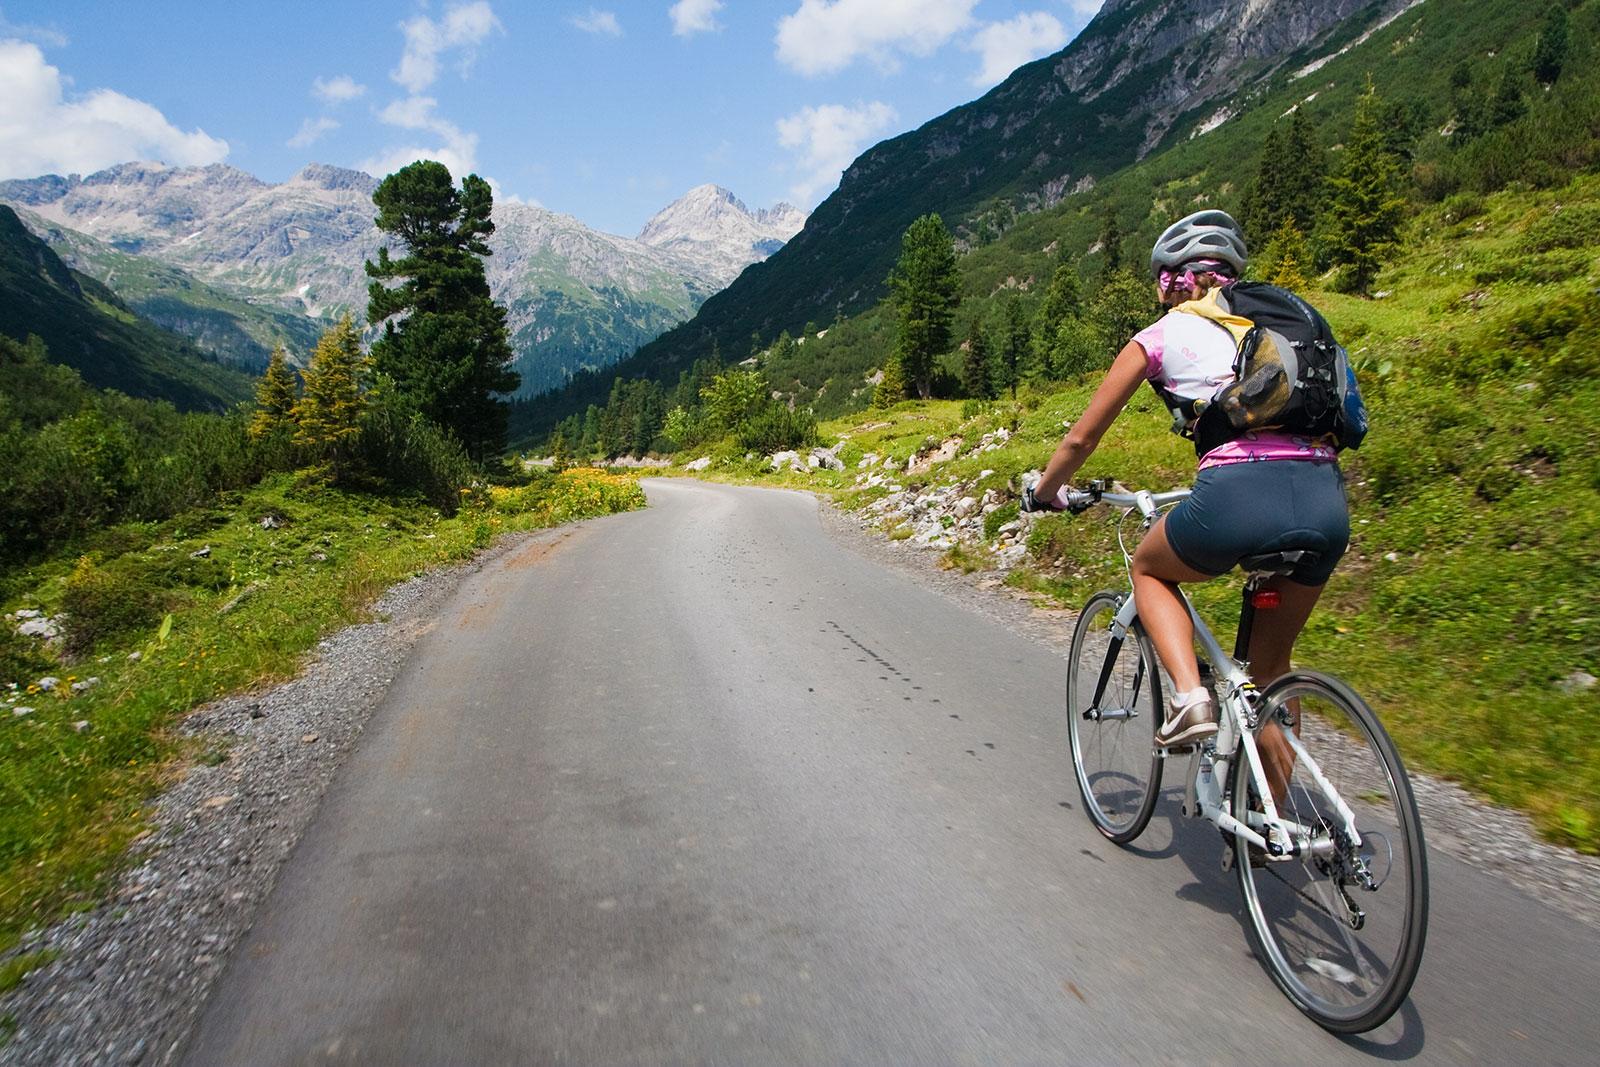 Blick nach vorn: Mehr als 10.000 Kilometer Radwanderwege durchziehen Österreich und führen zu den schönsten Orten des Landes.